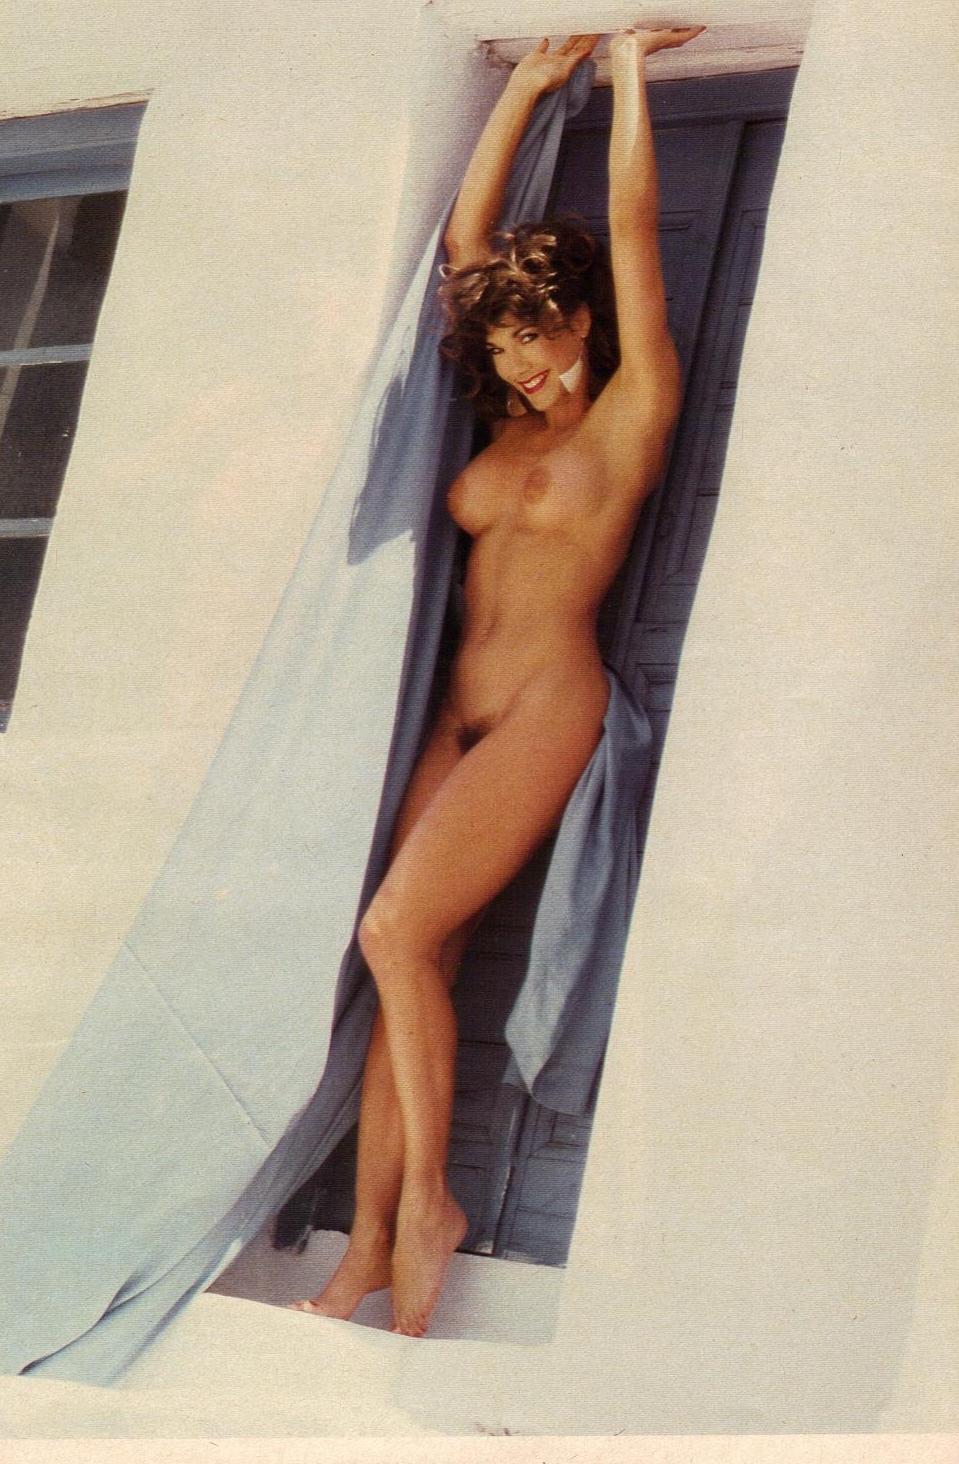 barbi benton naked jpg 853x1280